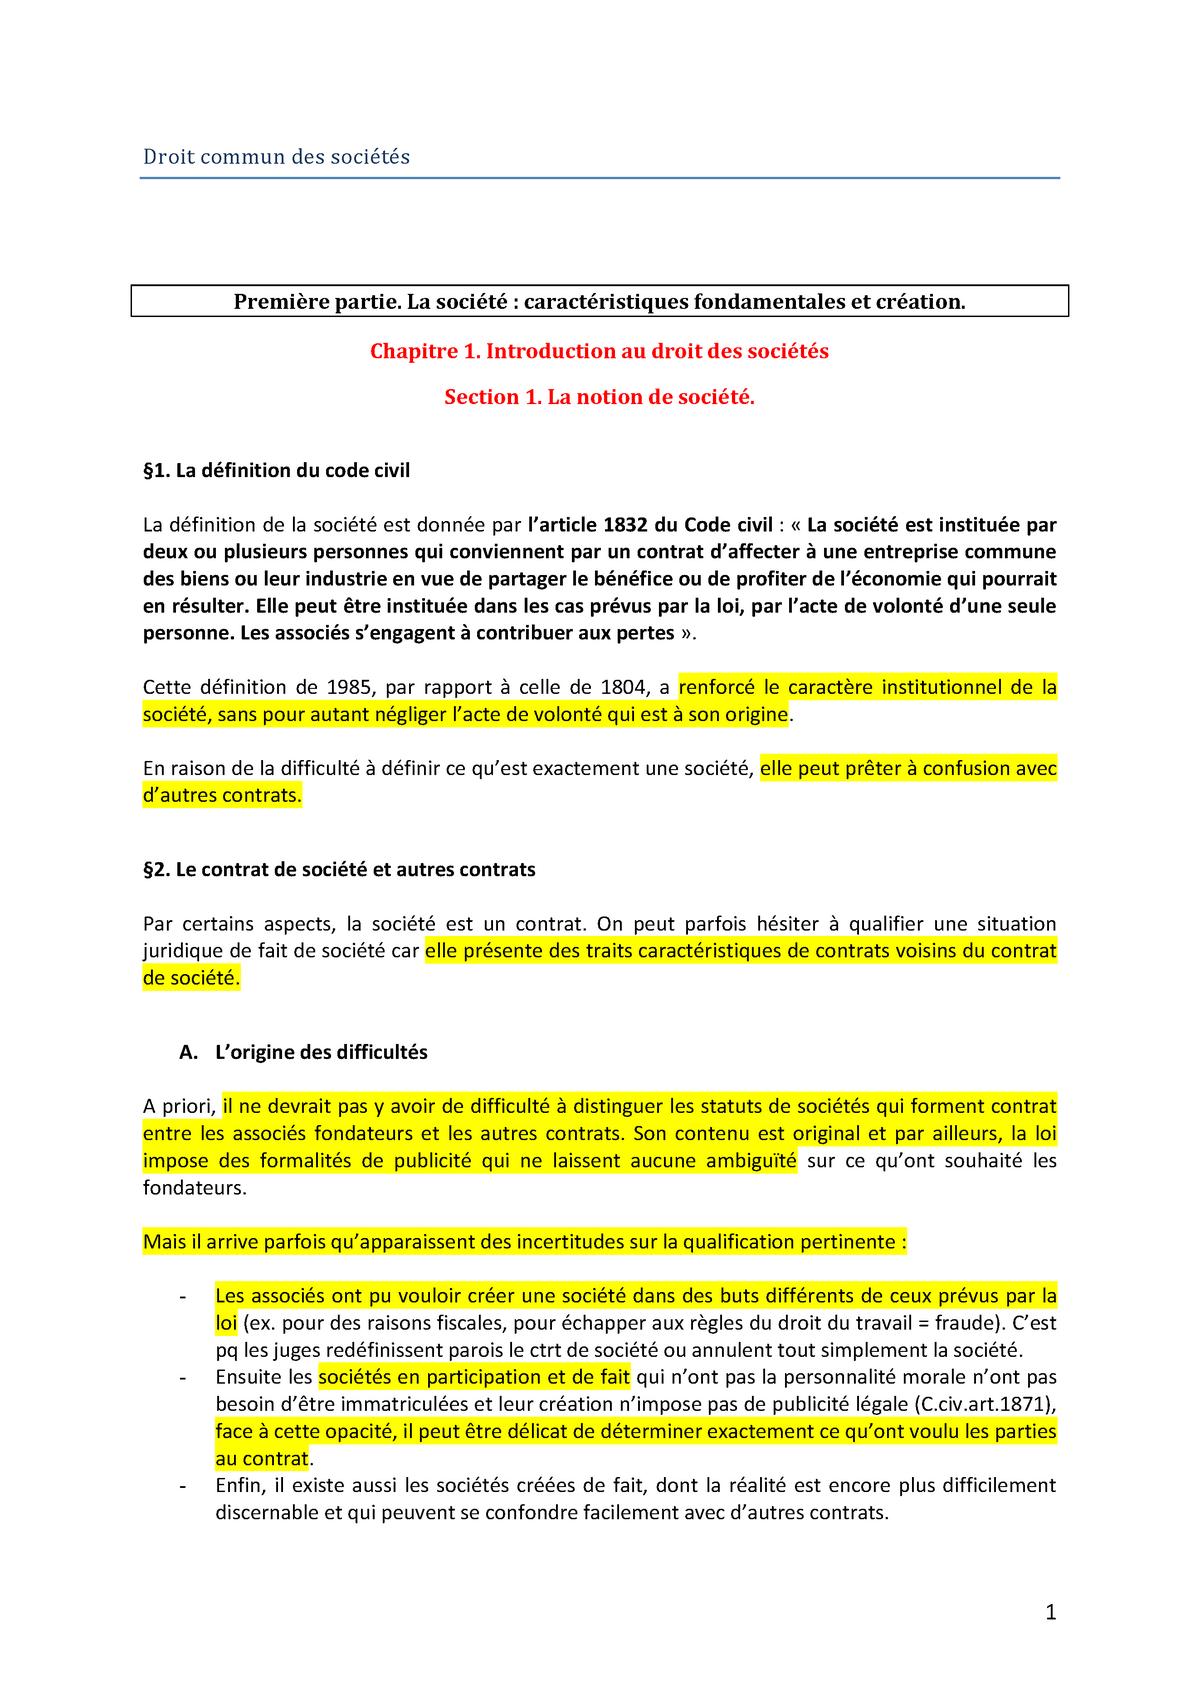 Droit Commun Des Societes Unistra Studocu